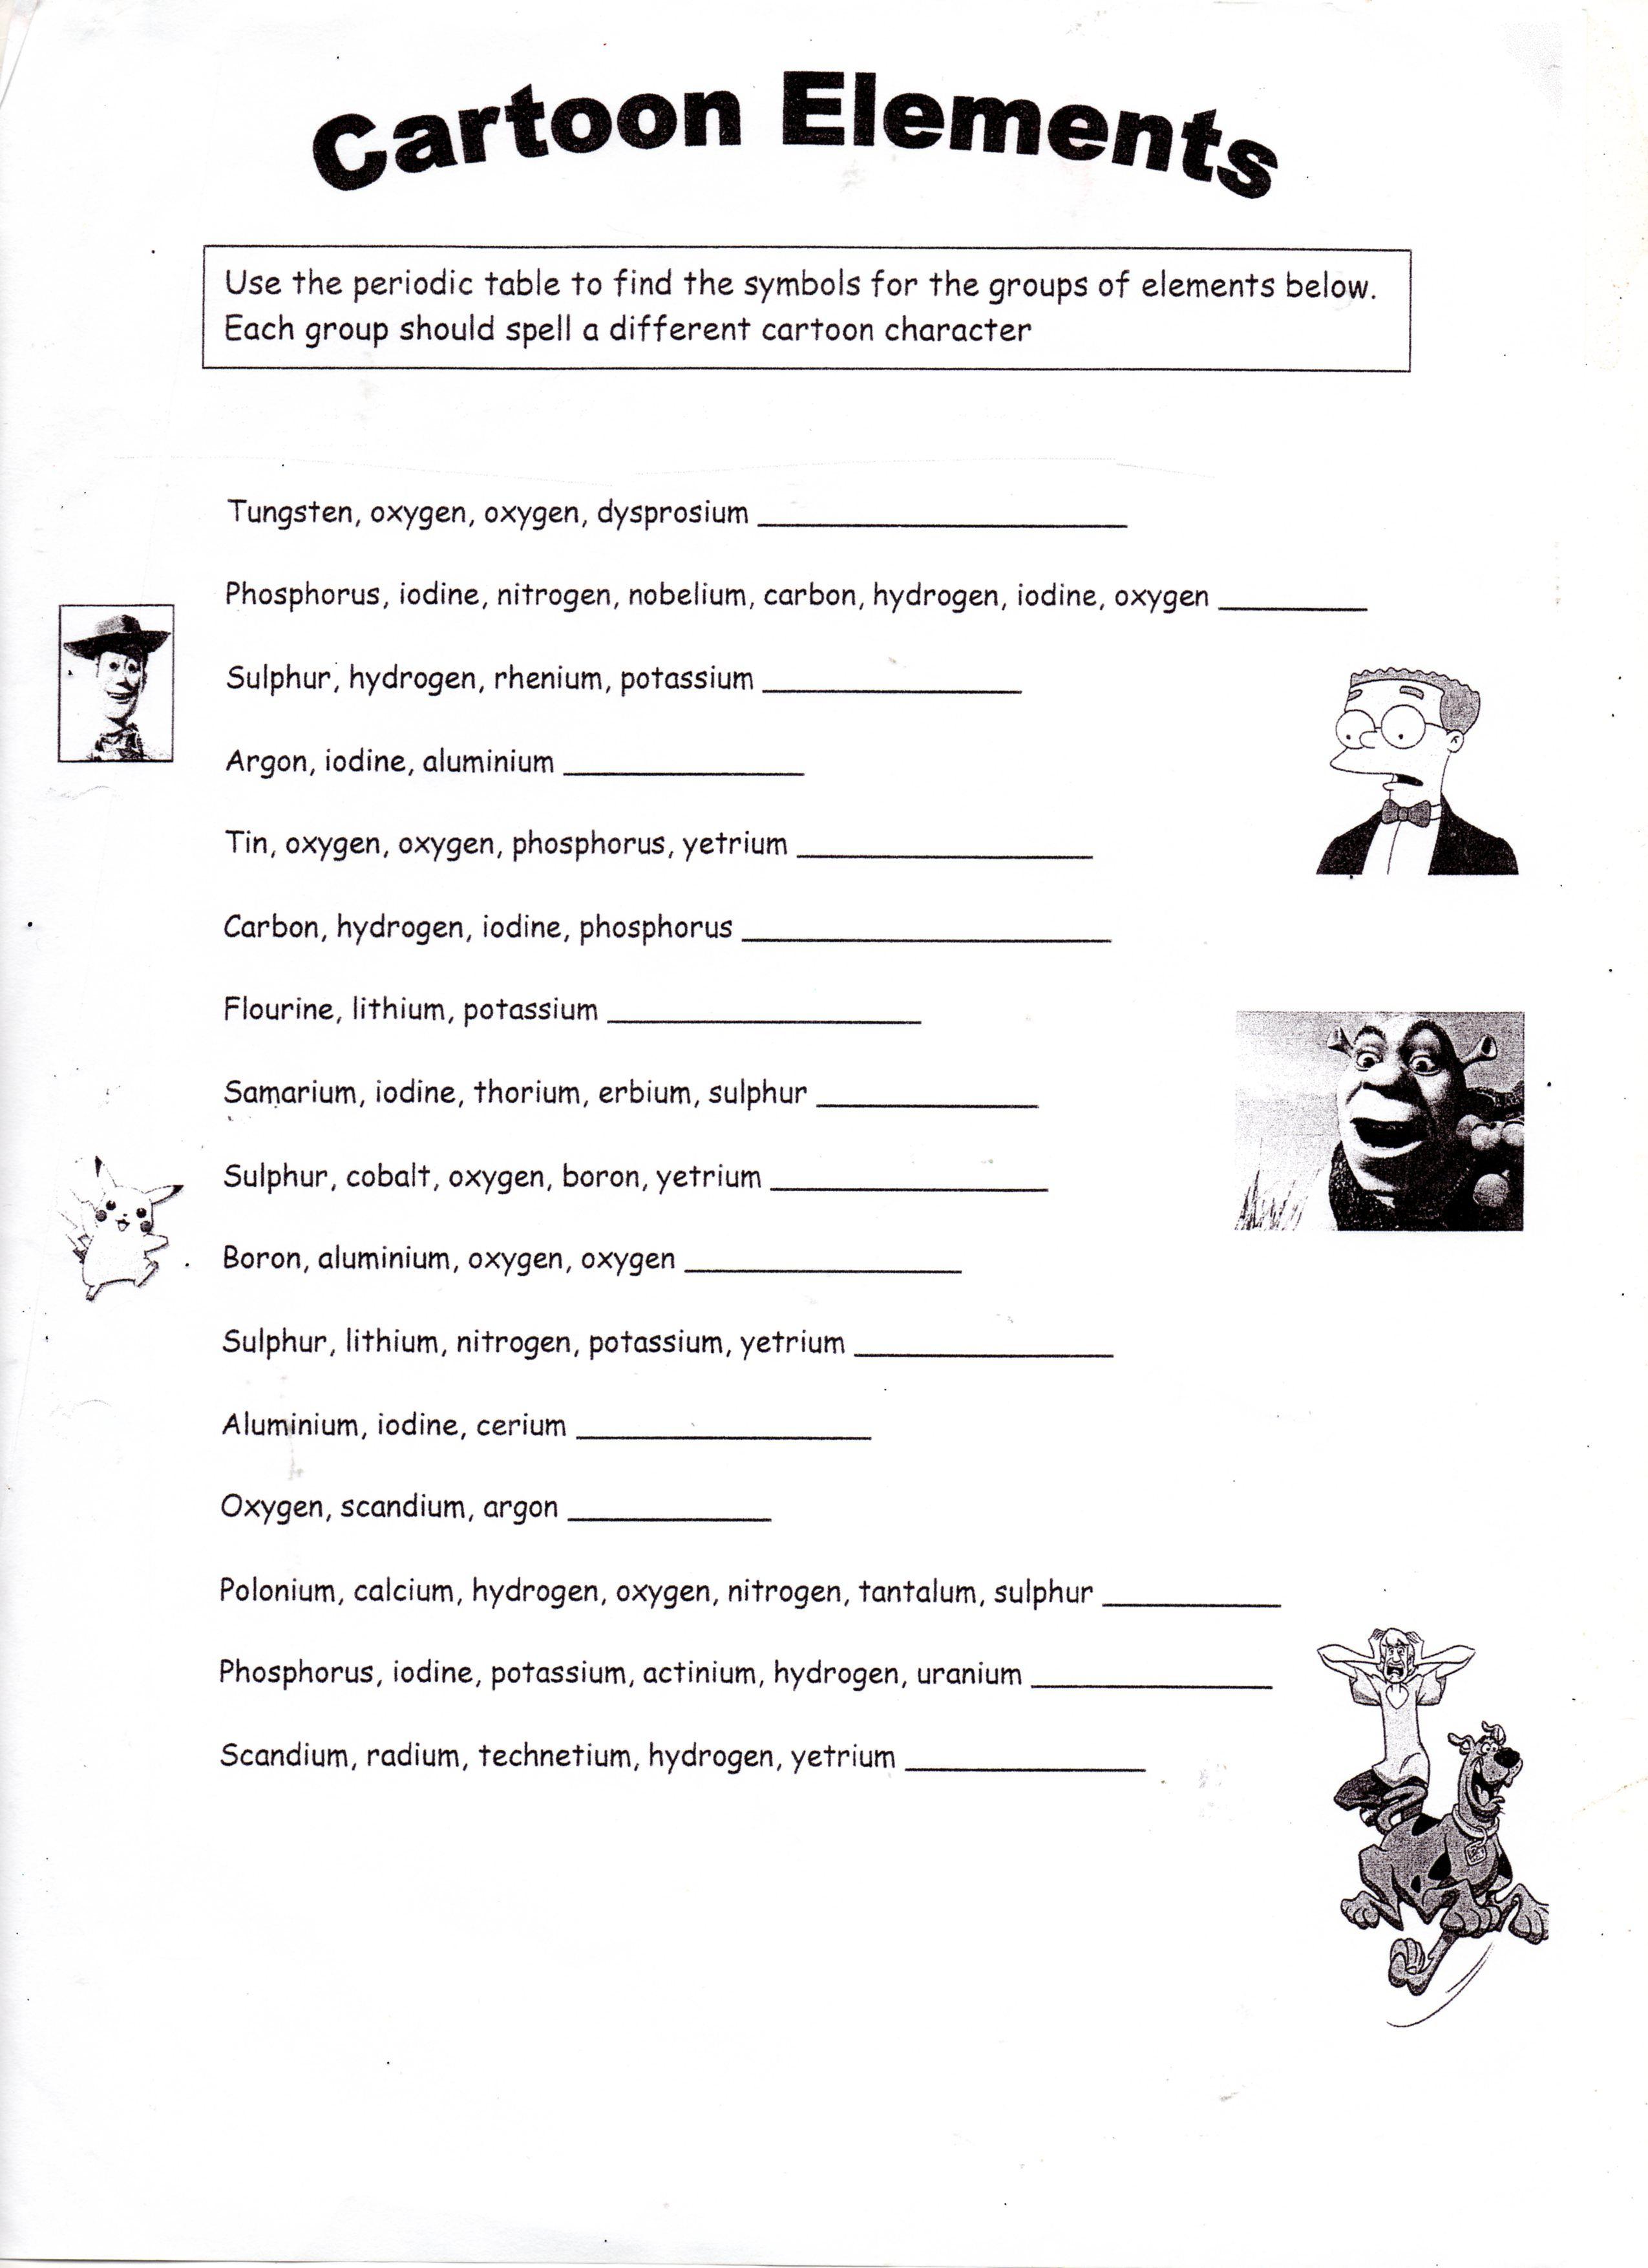 Cartoon Elements Worksheet